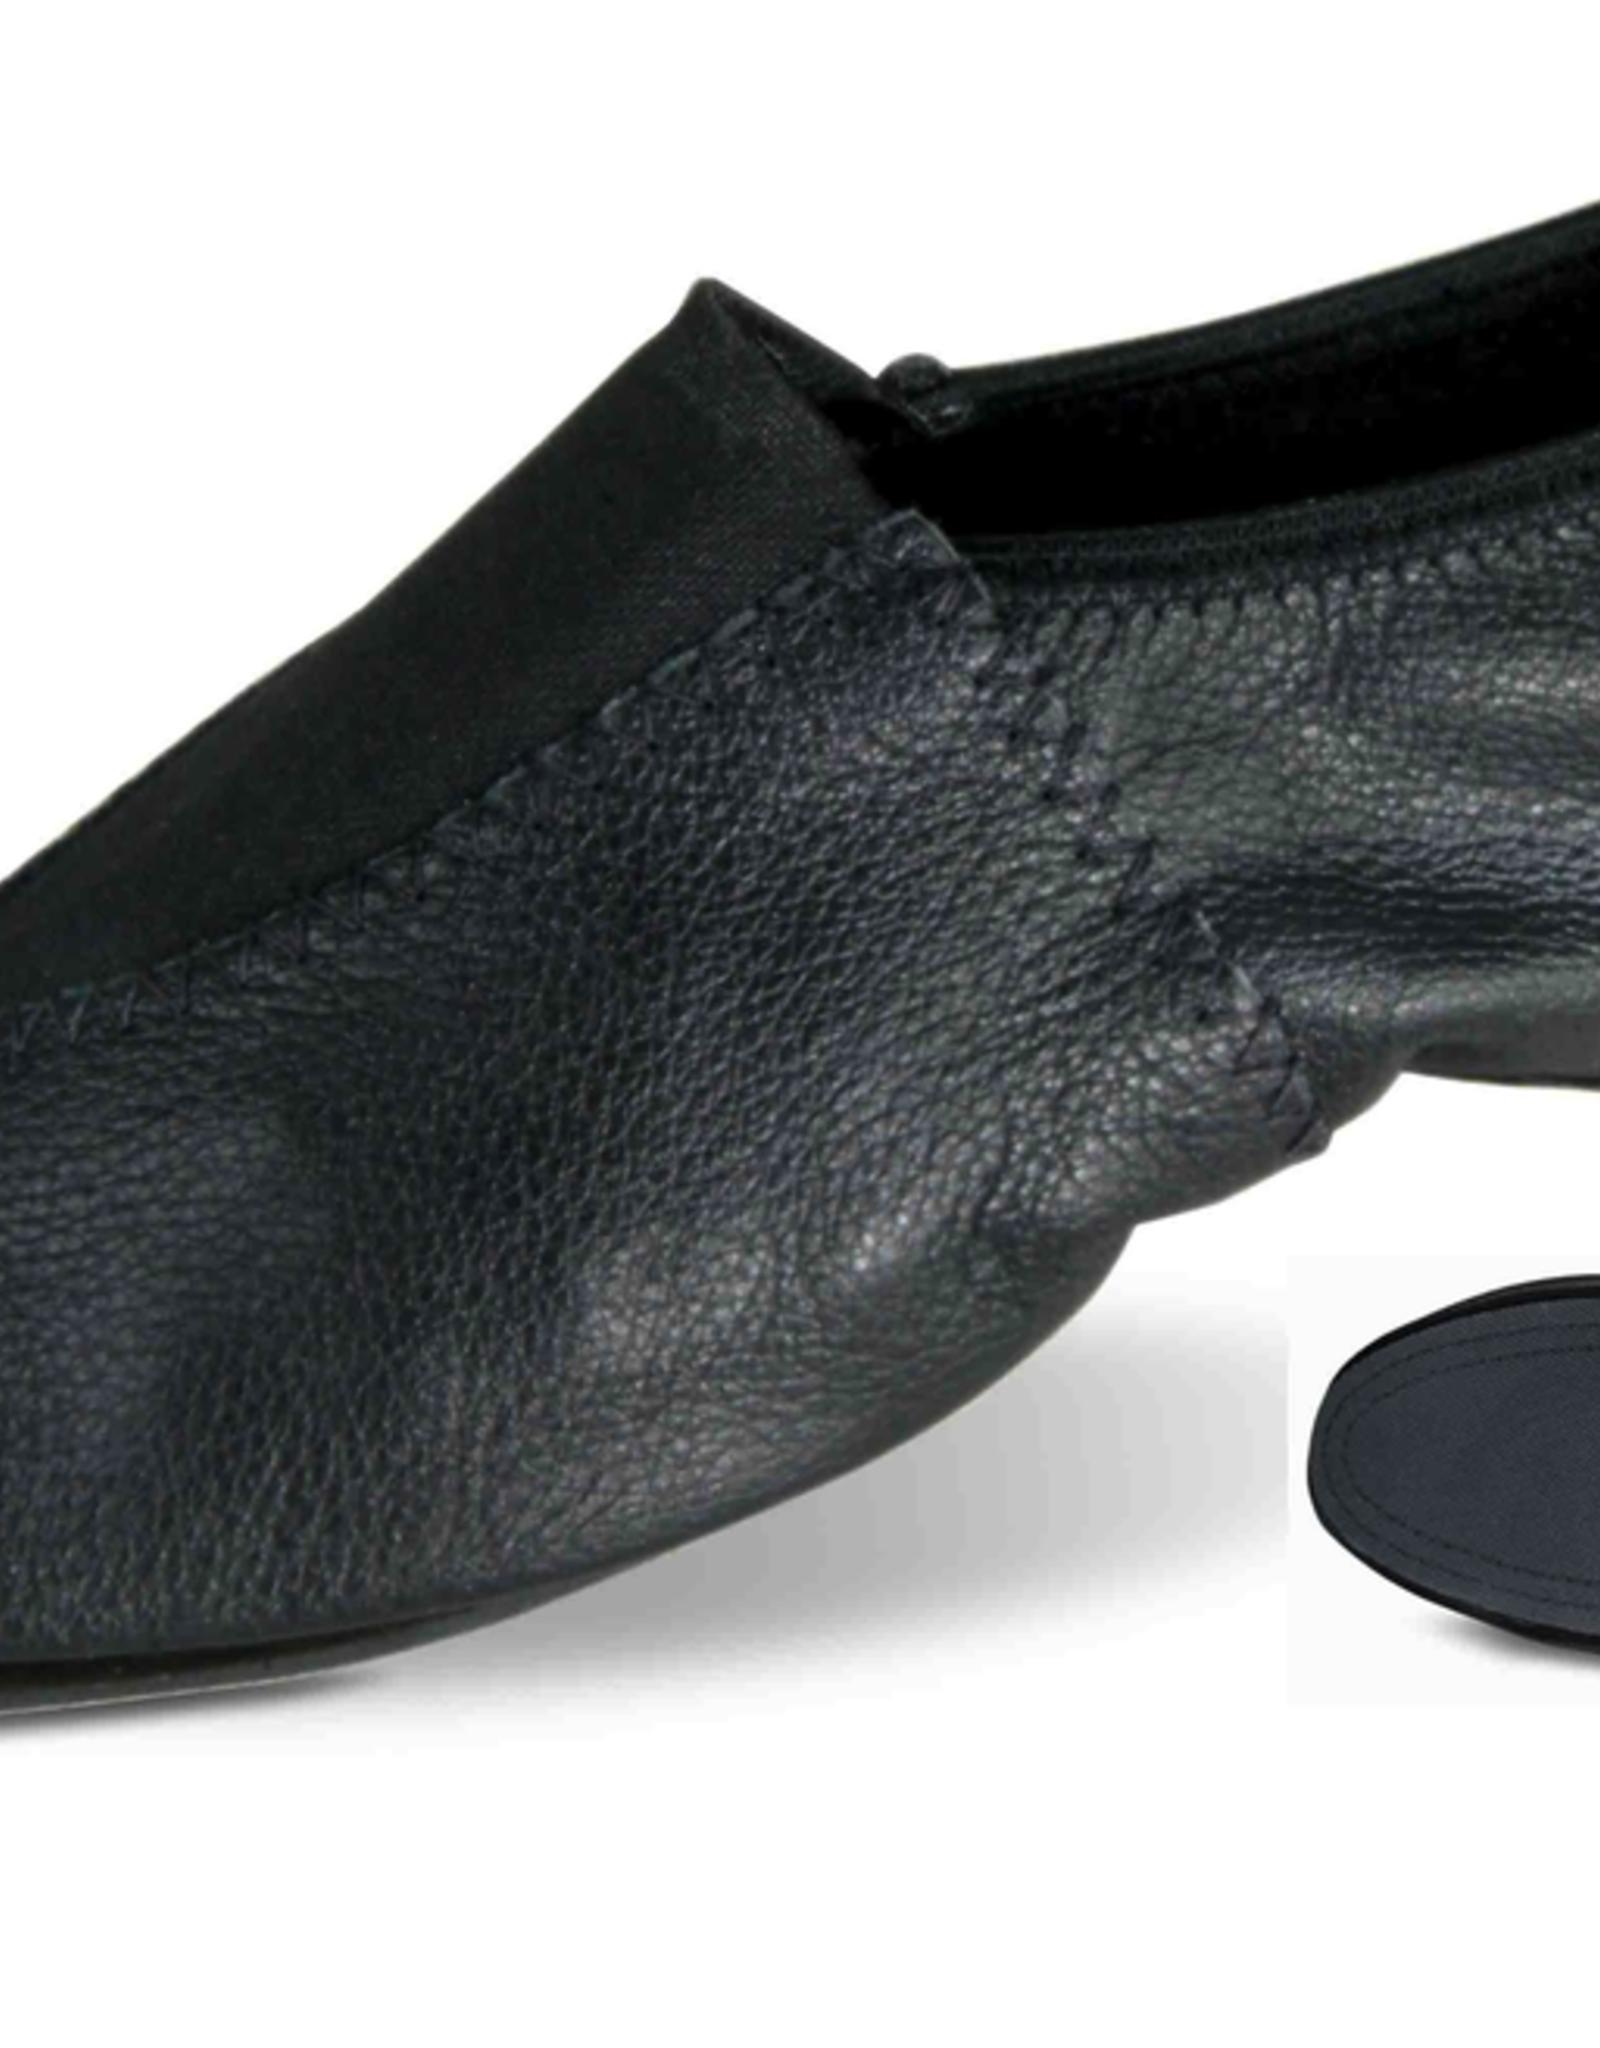 Danshuz 2173/2273 Gymnastic Shoes Adult